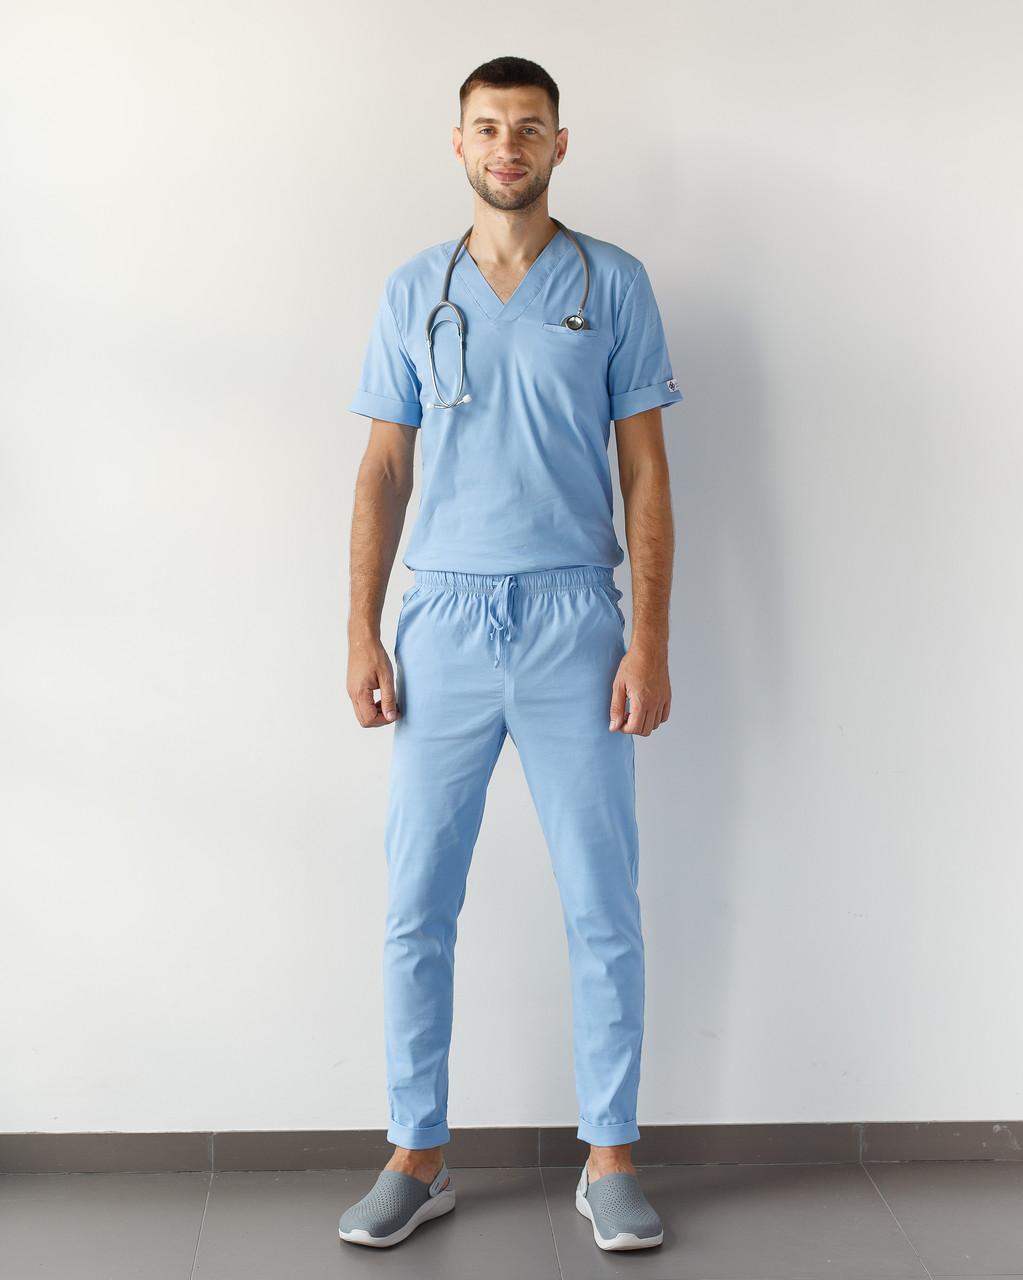 Медицинский мужской костюм Марсель из эластичной ткани голубой